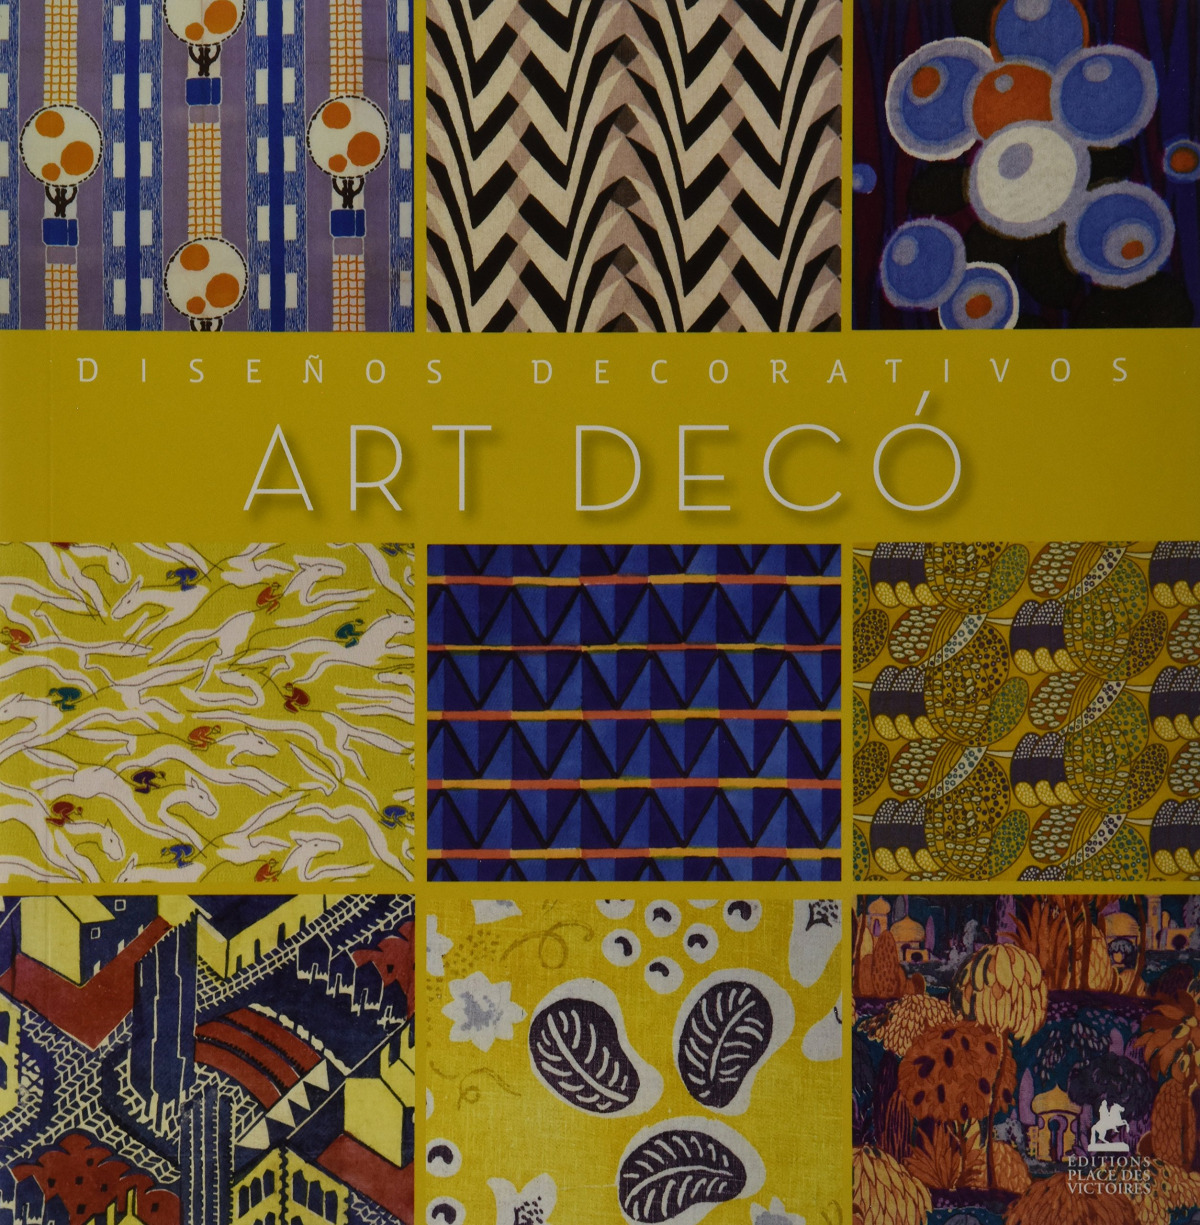 ART DECO: DISEñOS DECORATIVOS 9782809903027